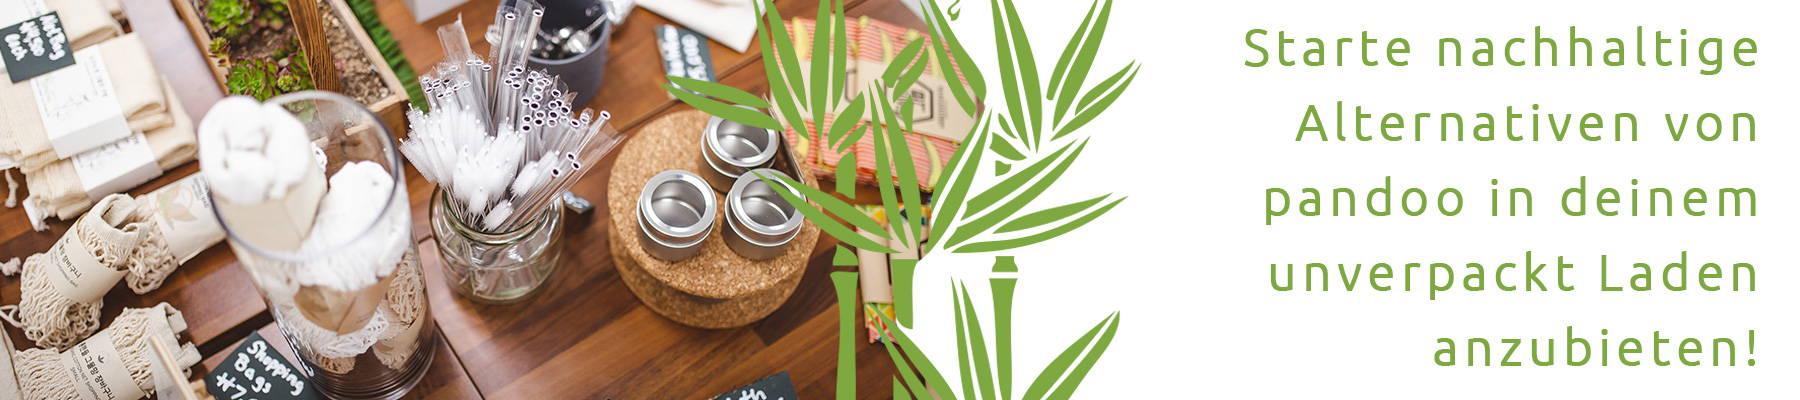 Plastikmüll vermeiden - Wiederverwendbare Alternativen